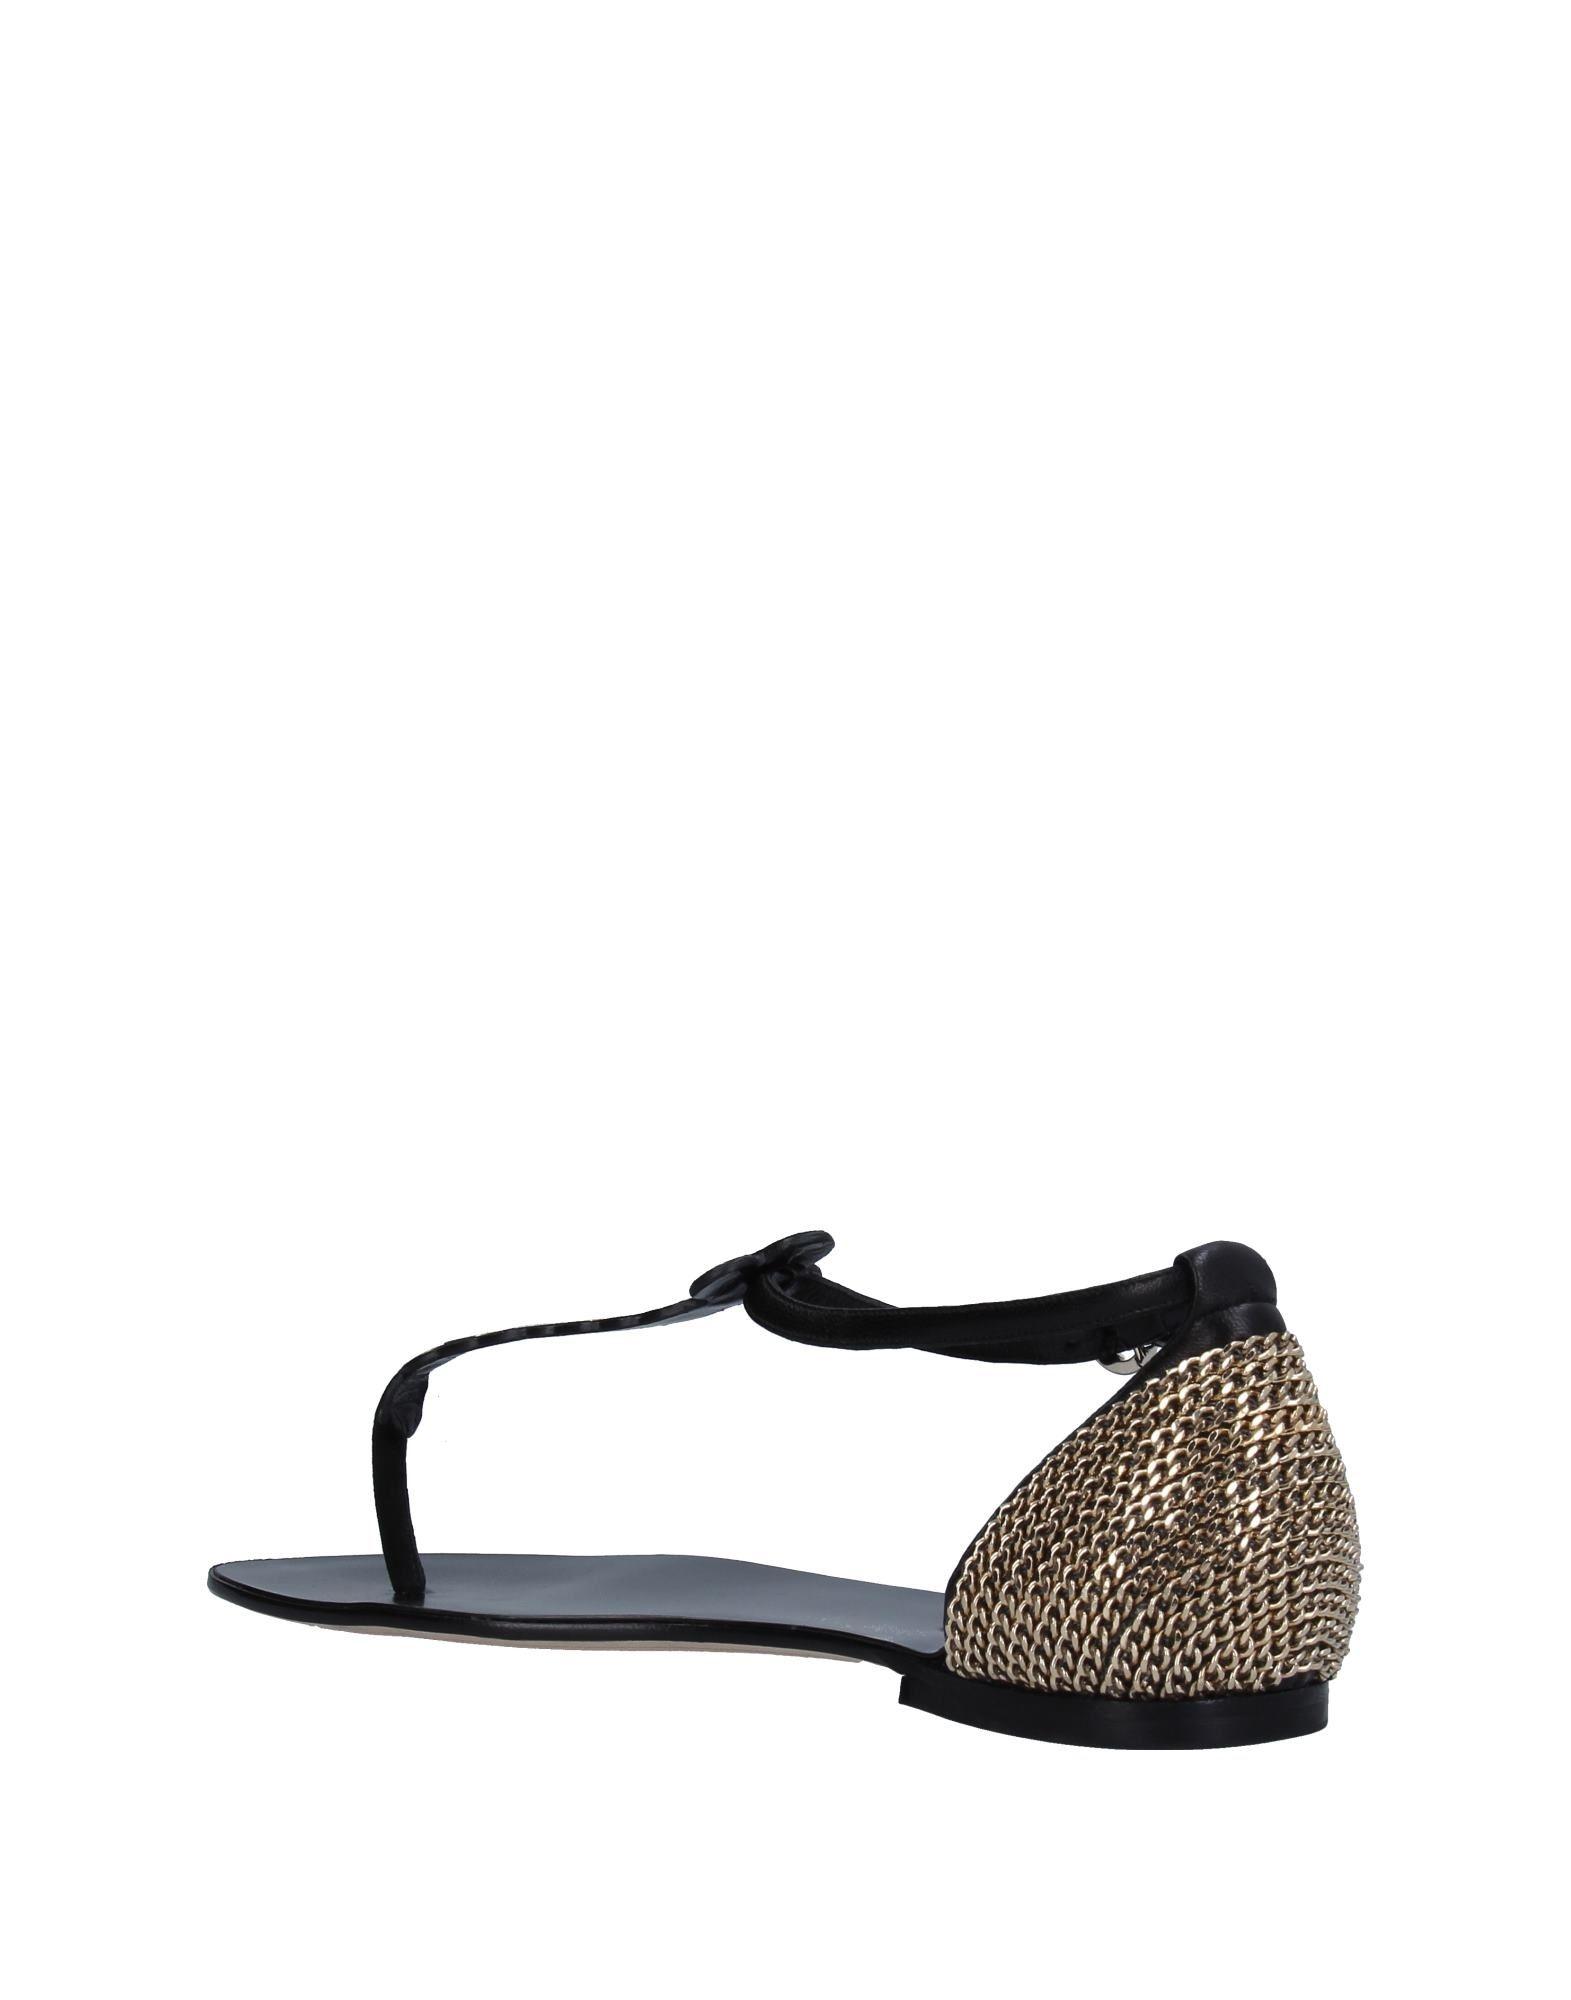 Rodo Dianetten strapazierfähige Damen  11351842BWGut aussehende strapazierfähige Dianetten Schuhe 20c171